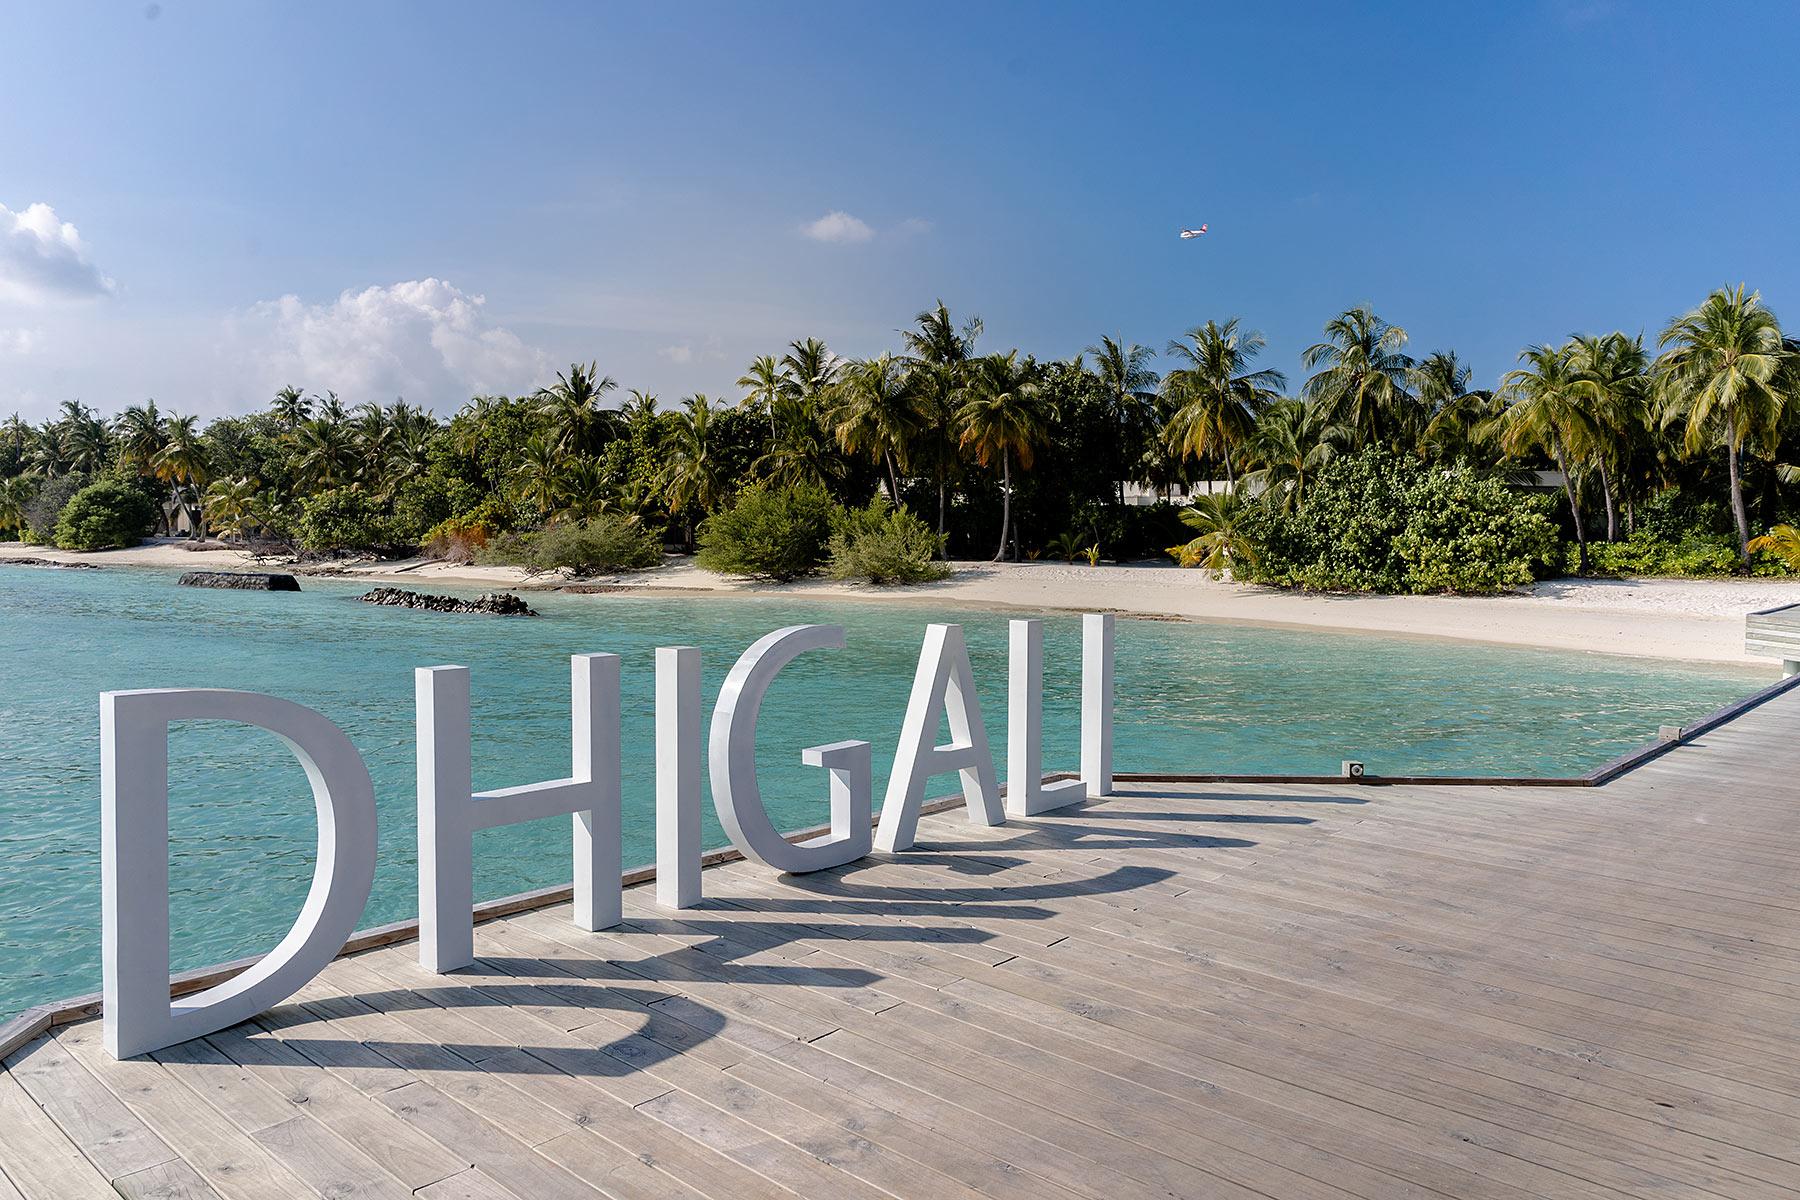 dhigali hotel malediven blogger sunnyinga